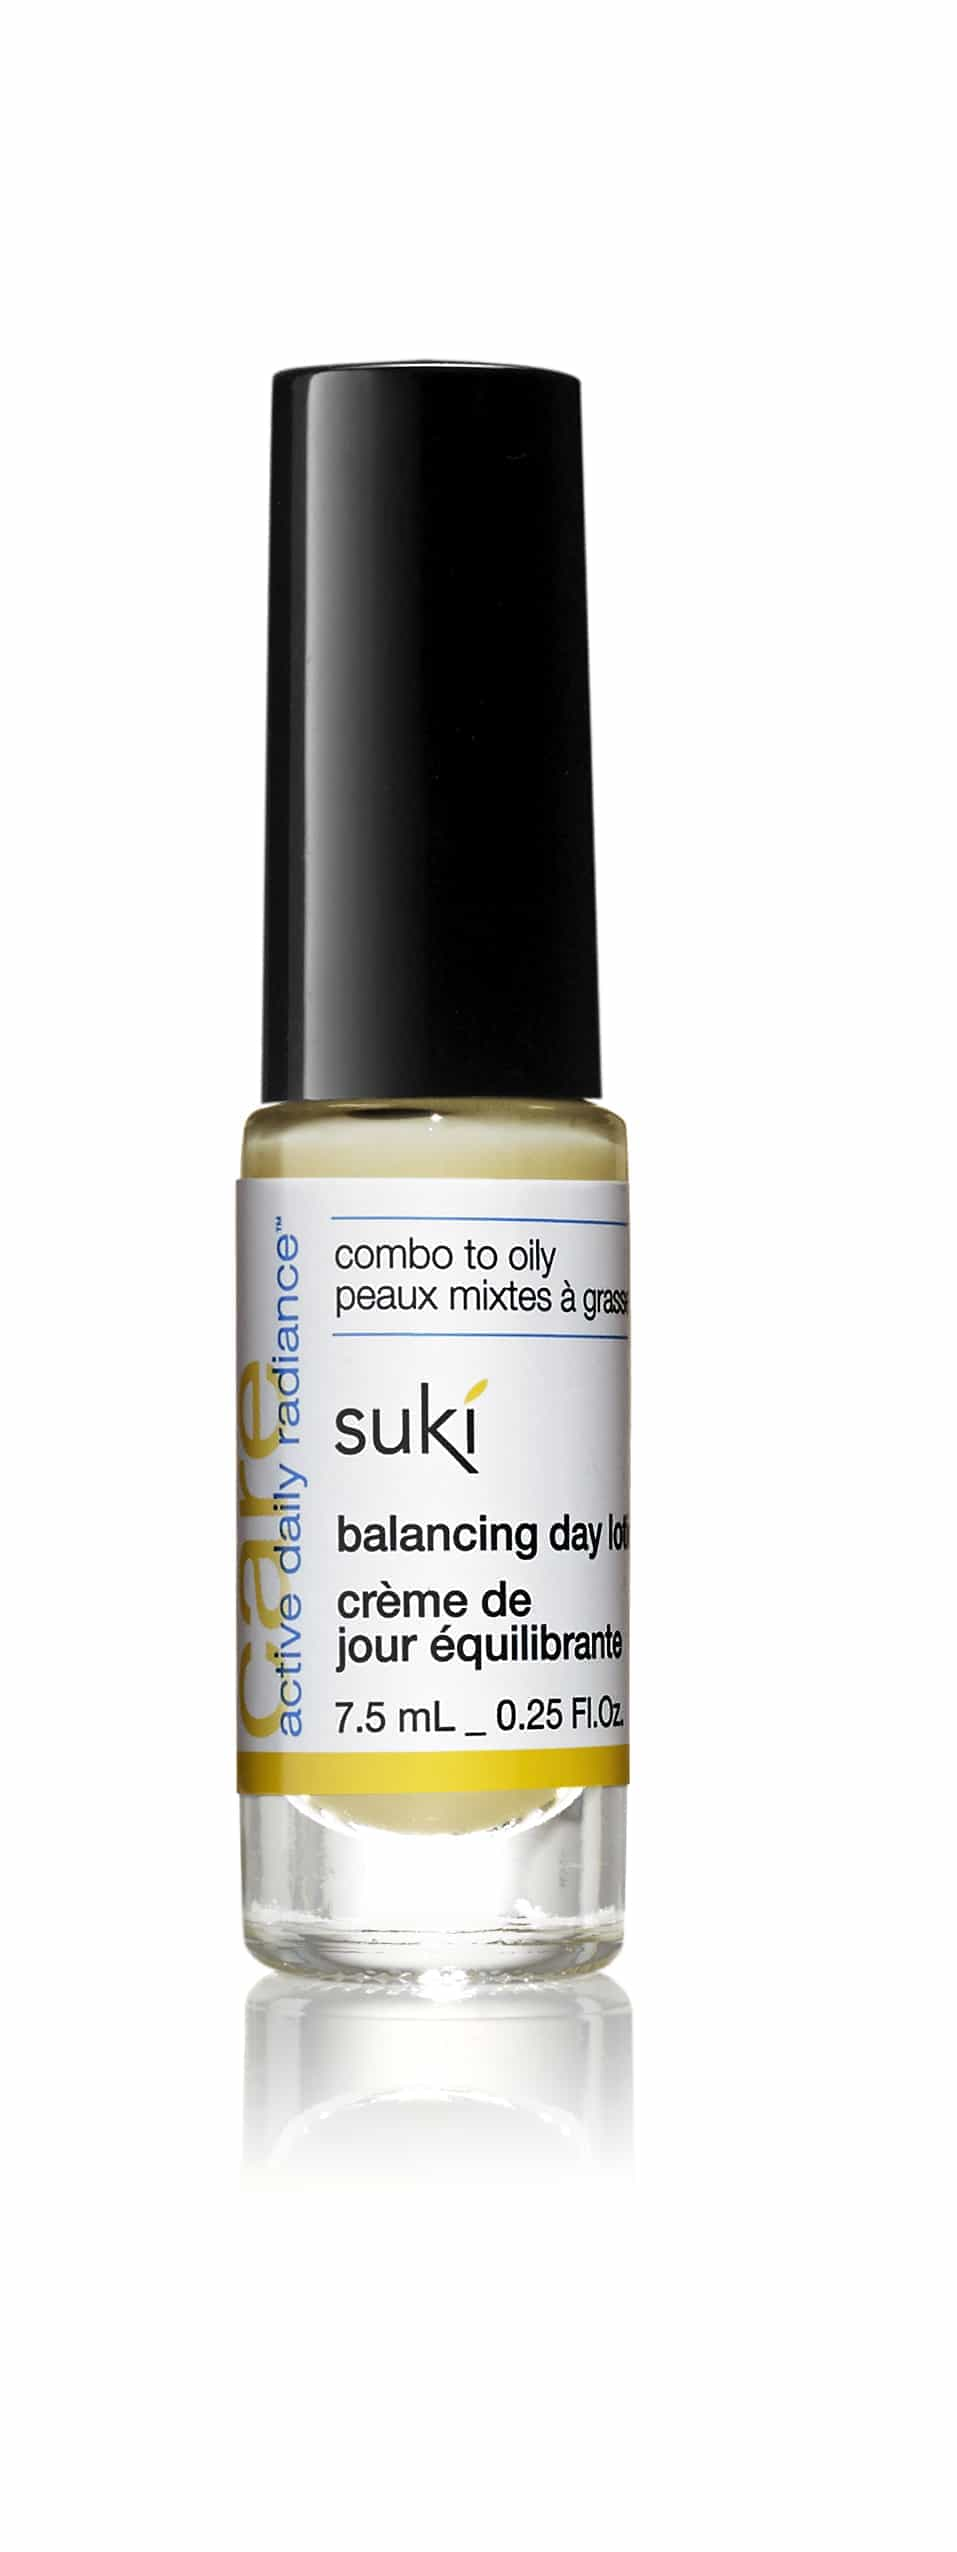 Suki skincare reviews